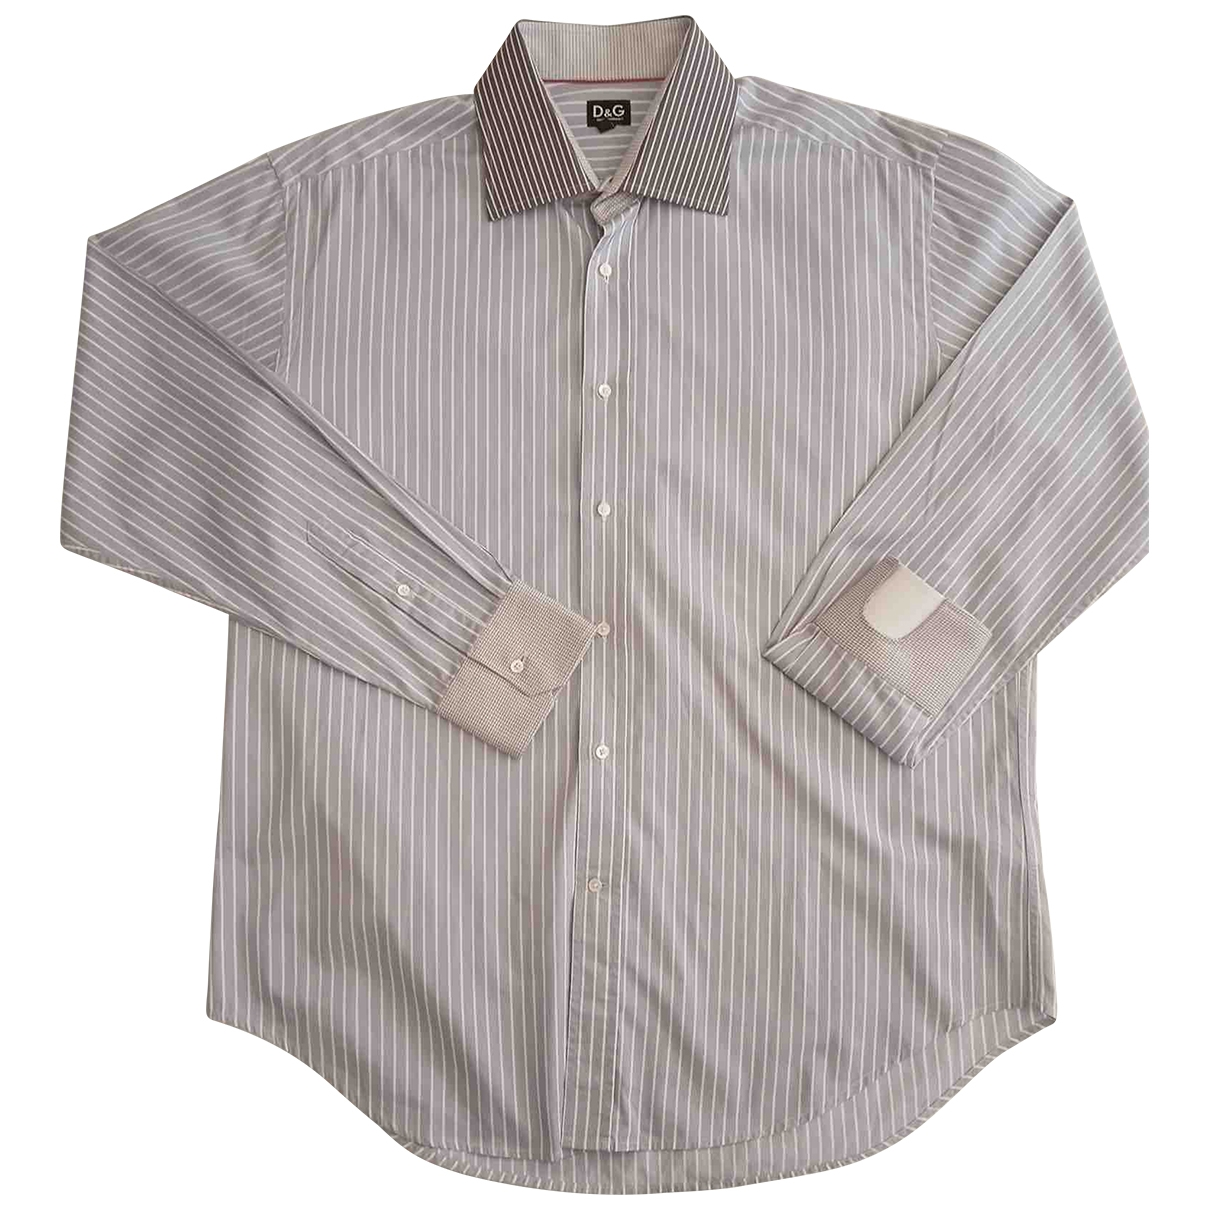 D&g - Chemises   pour homme en coton - gris